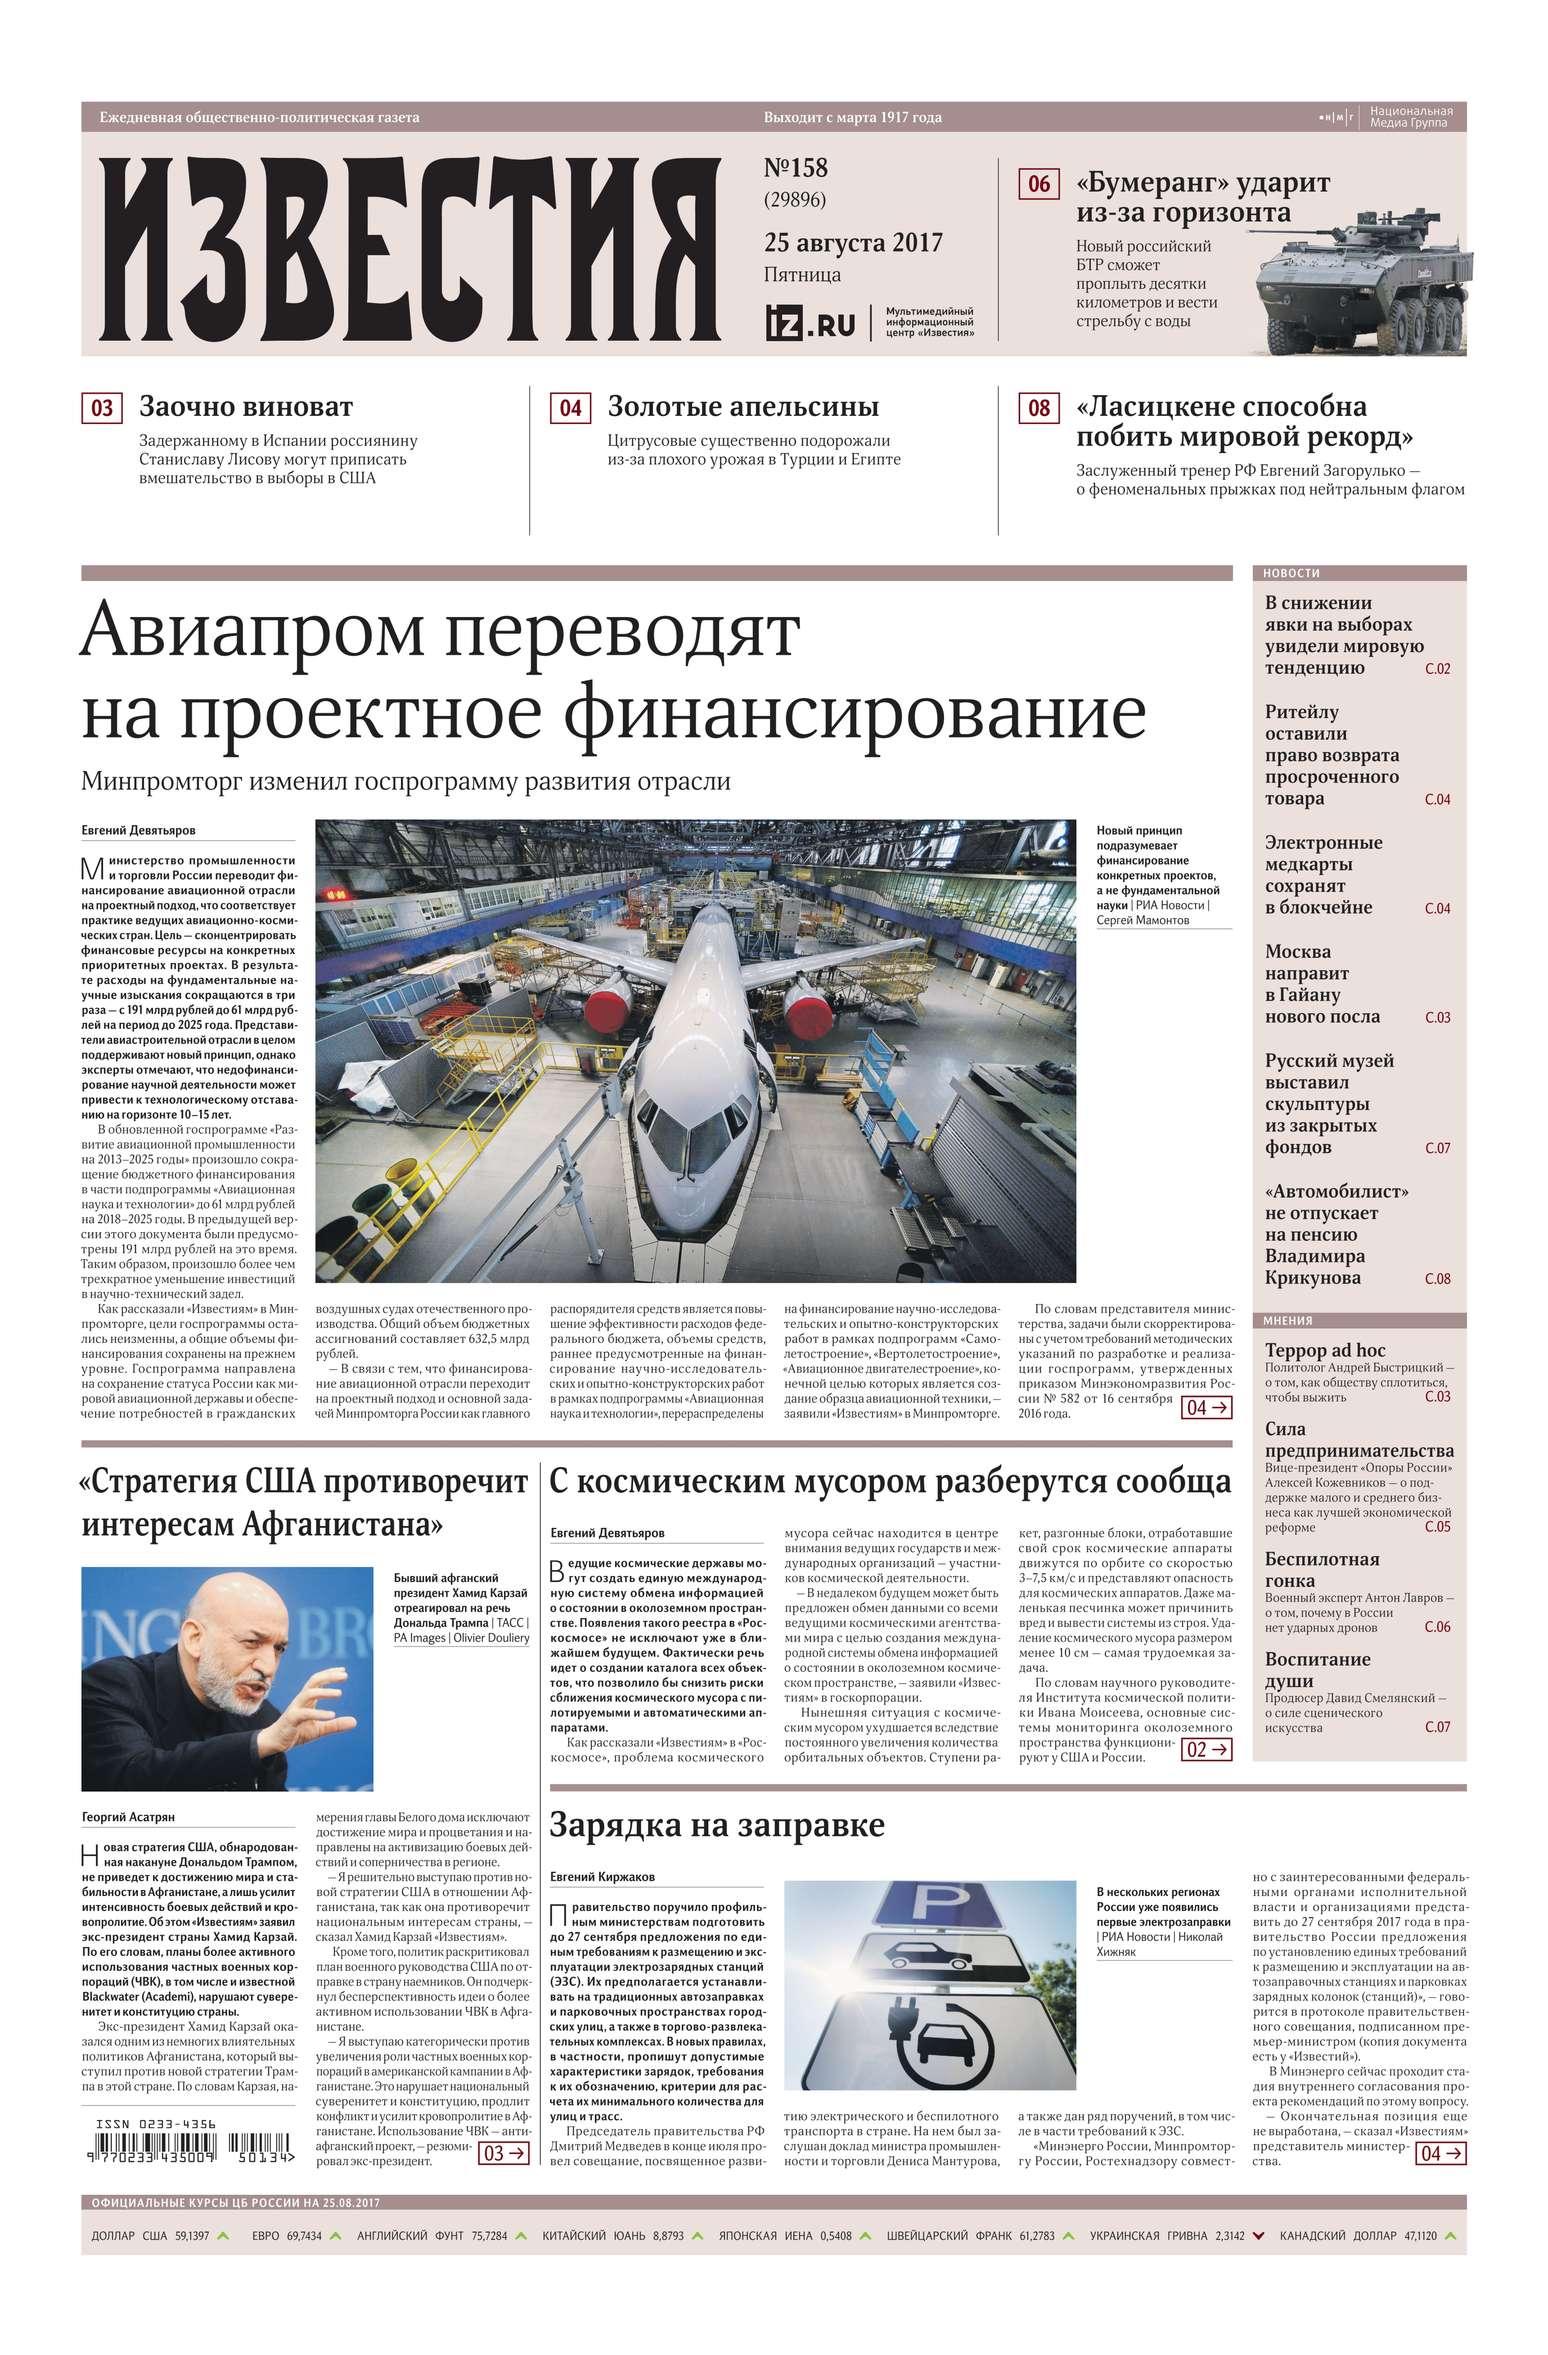 Редакция газеты Известия Известия 158-2017 цена